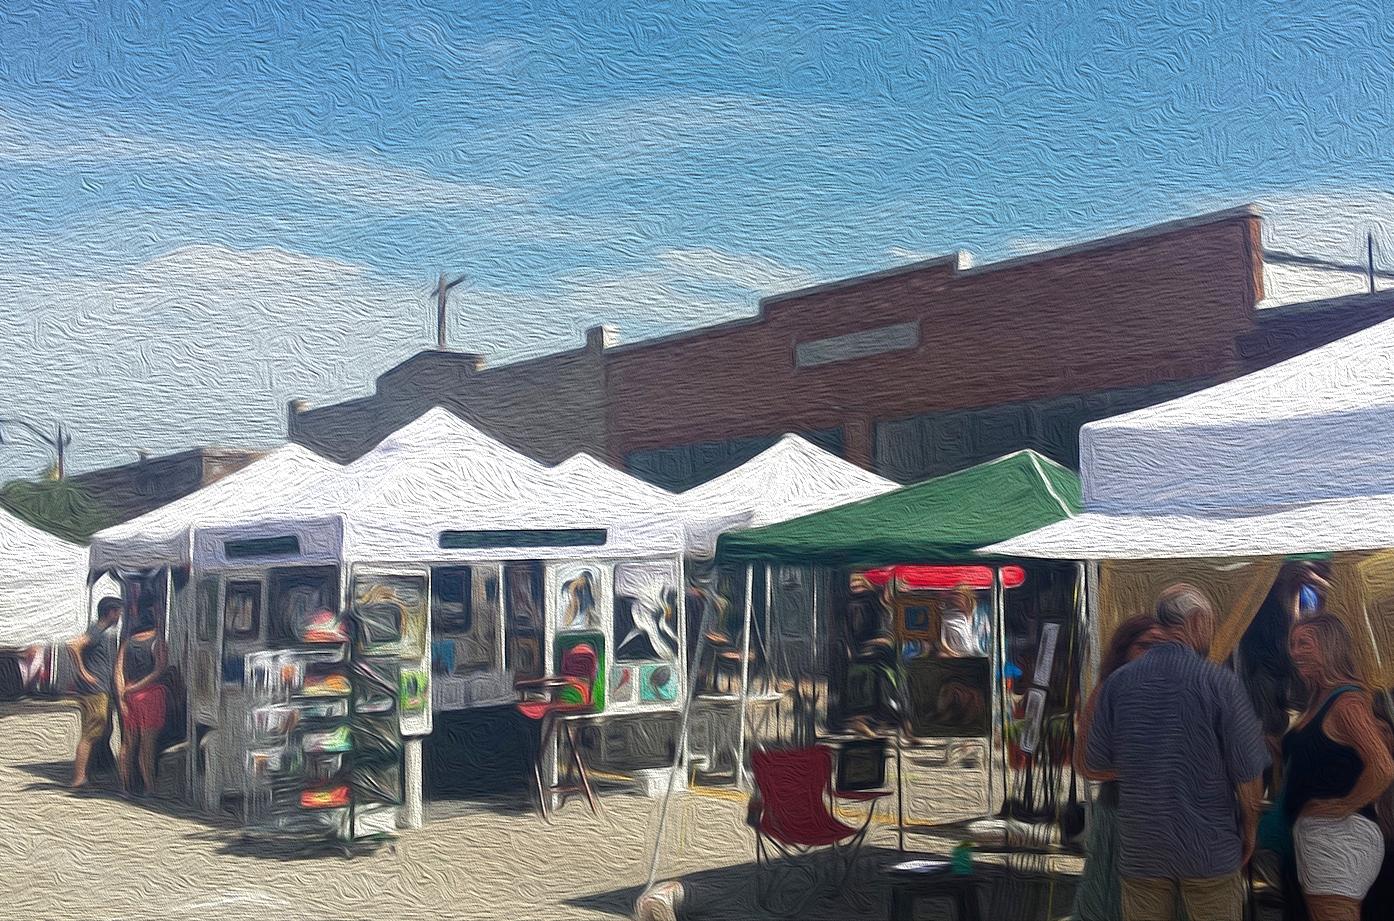 Arts Festival takes over Whittier Square Saturday